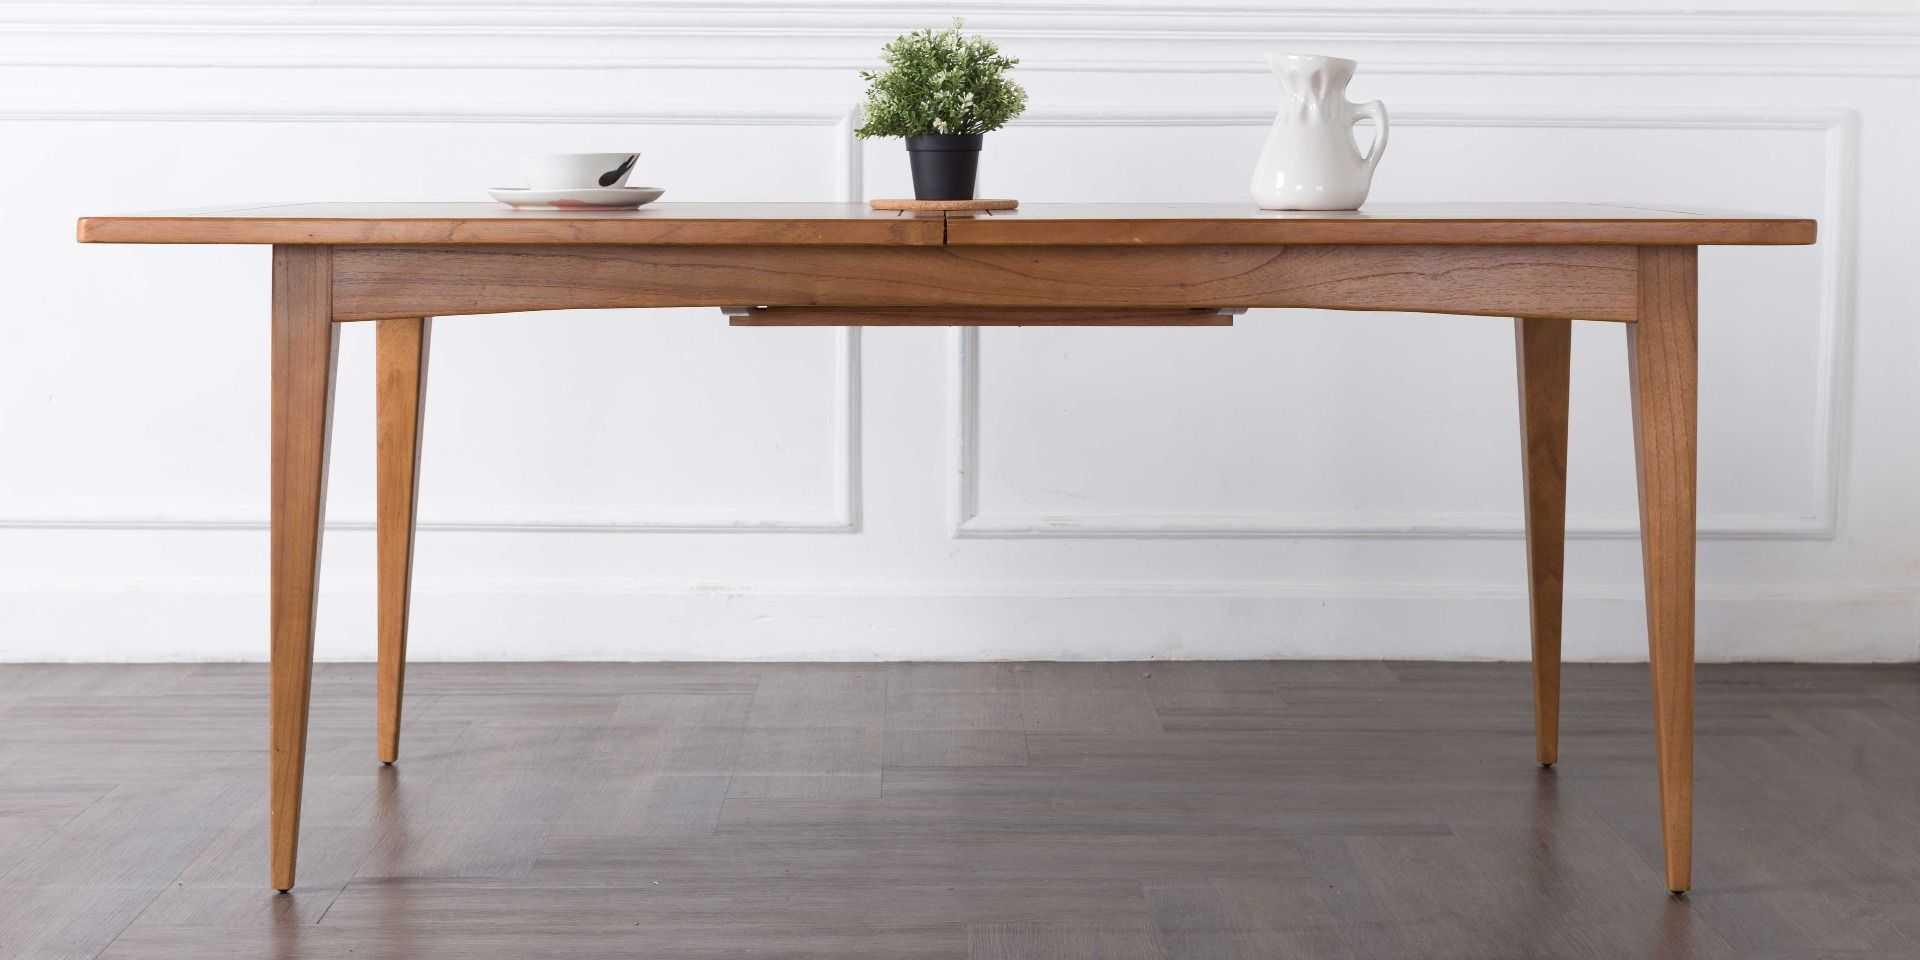 extendable table ideas